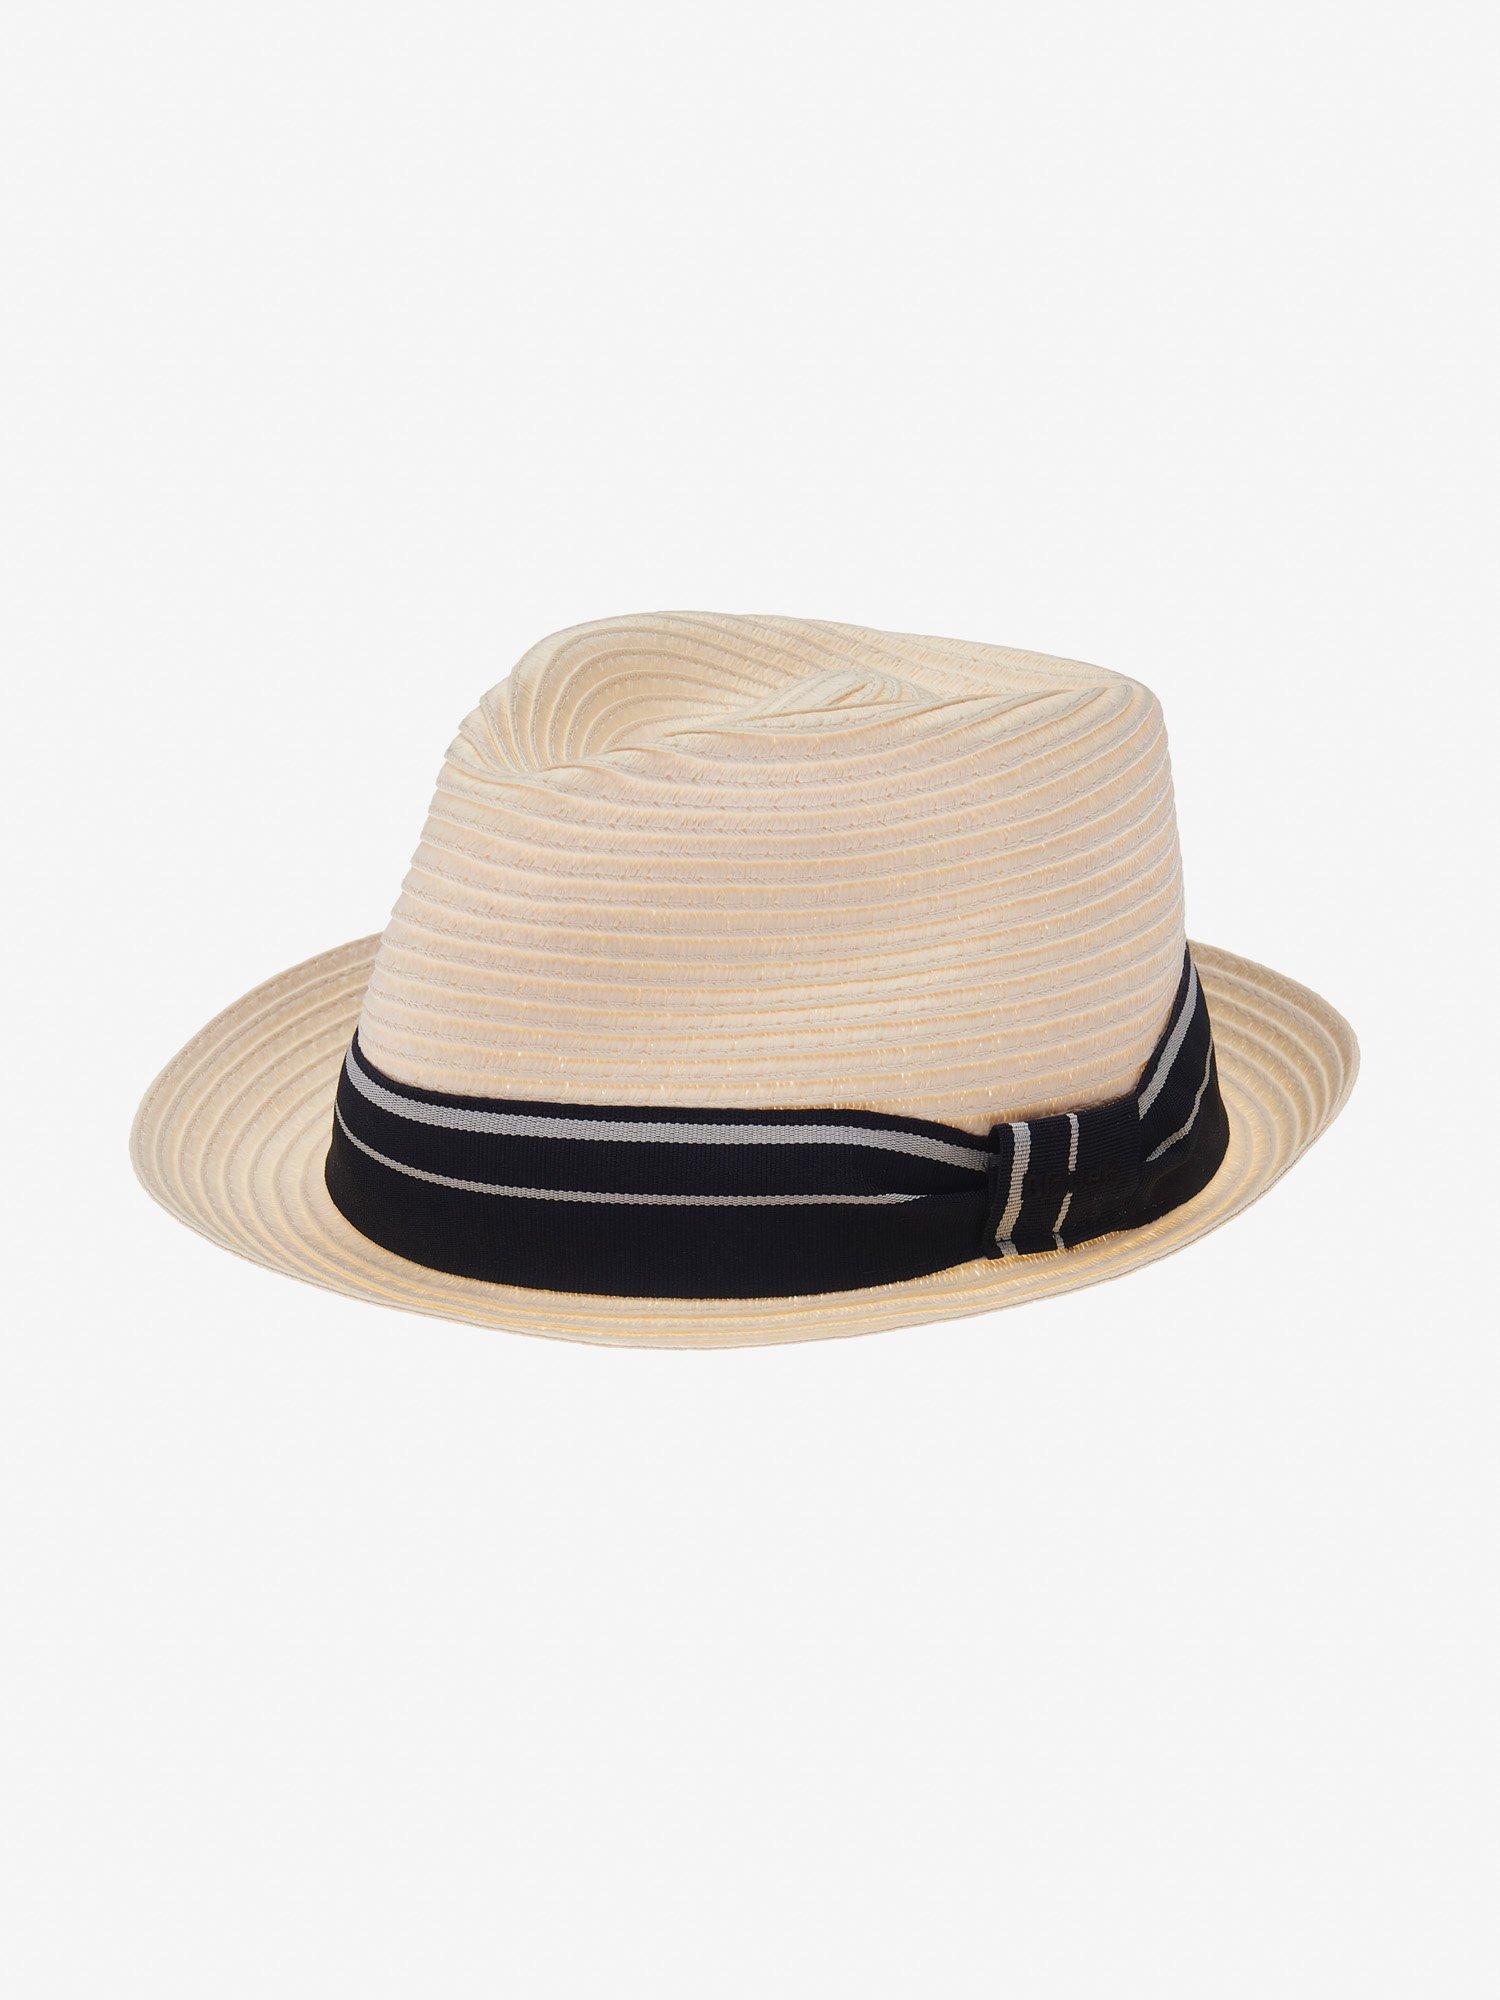 TRILBY HAT IN PAPER - Blauer